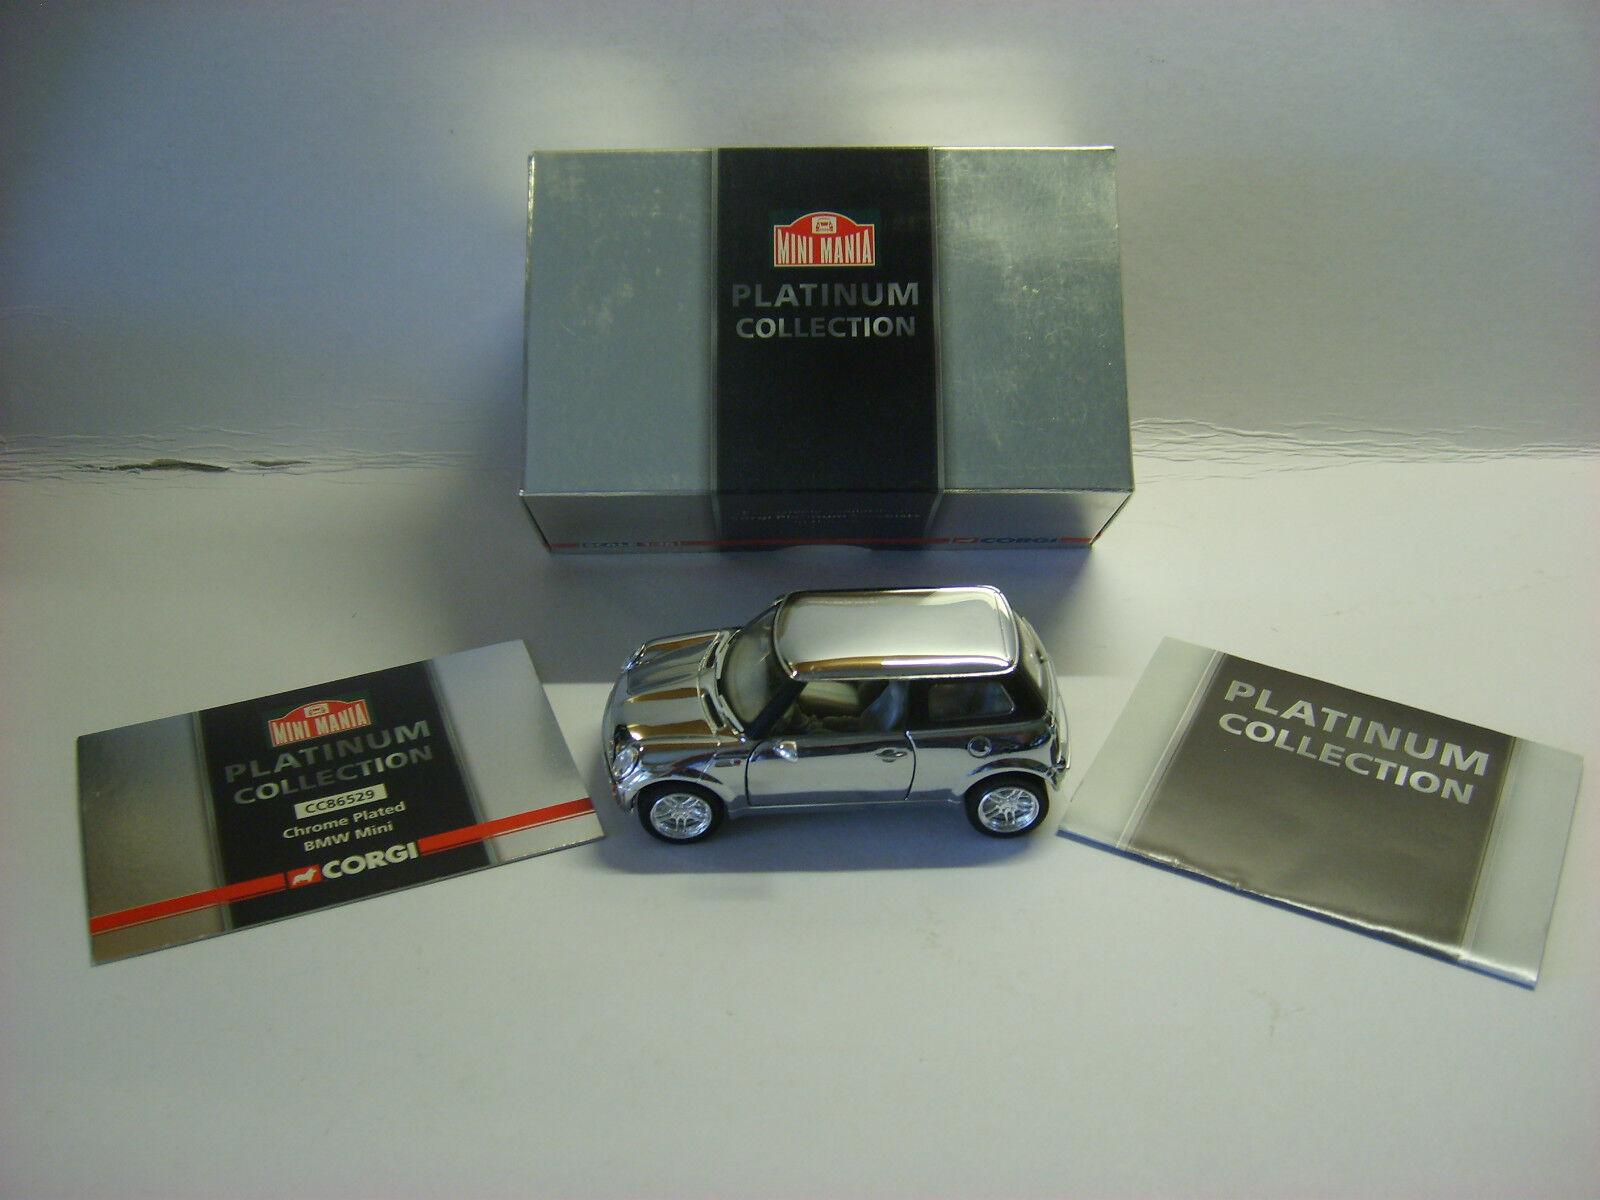 con 60% de descuento Corgi-CC86529-BMW Mini Mini Mini en Chrome  Platinum Coll  1 36 Escala  inicial del segundo nombre. B.  diseño simple y generoso